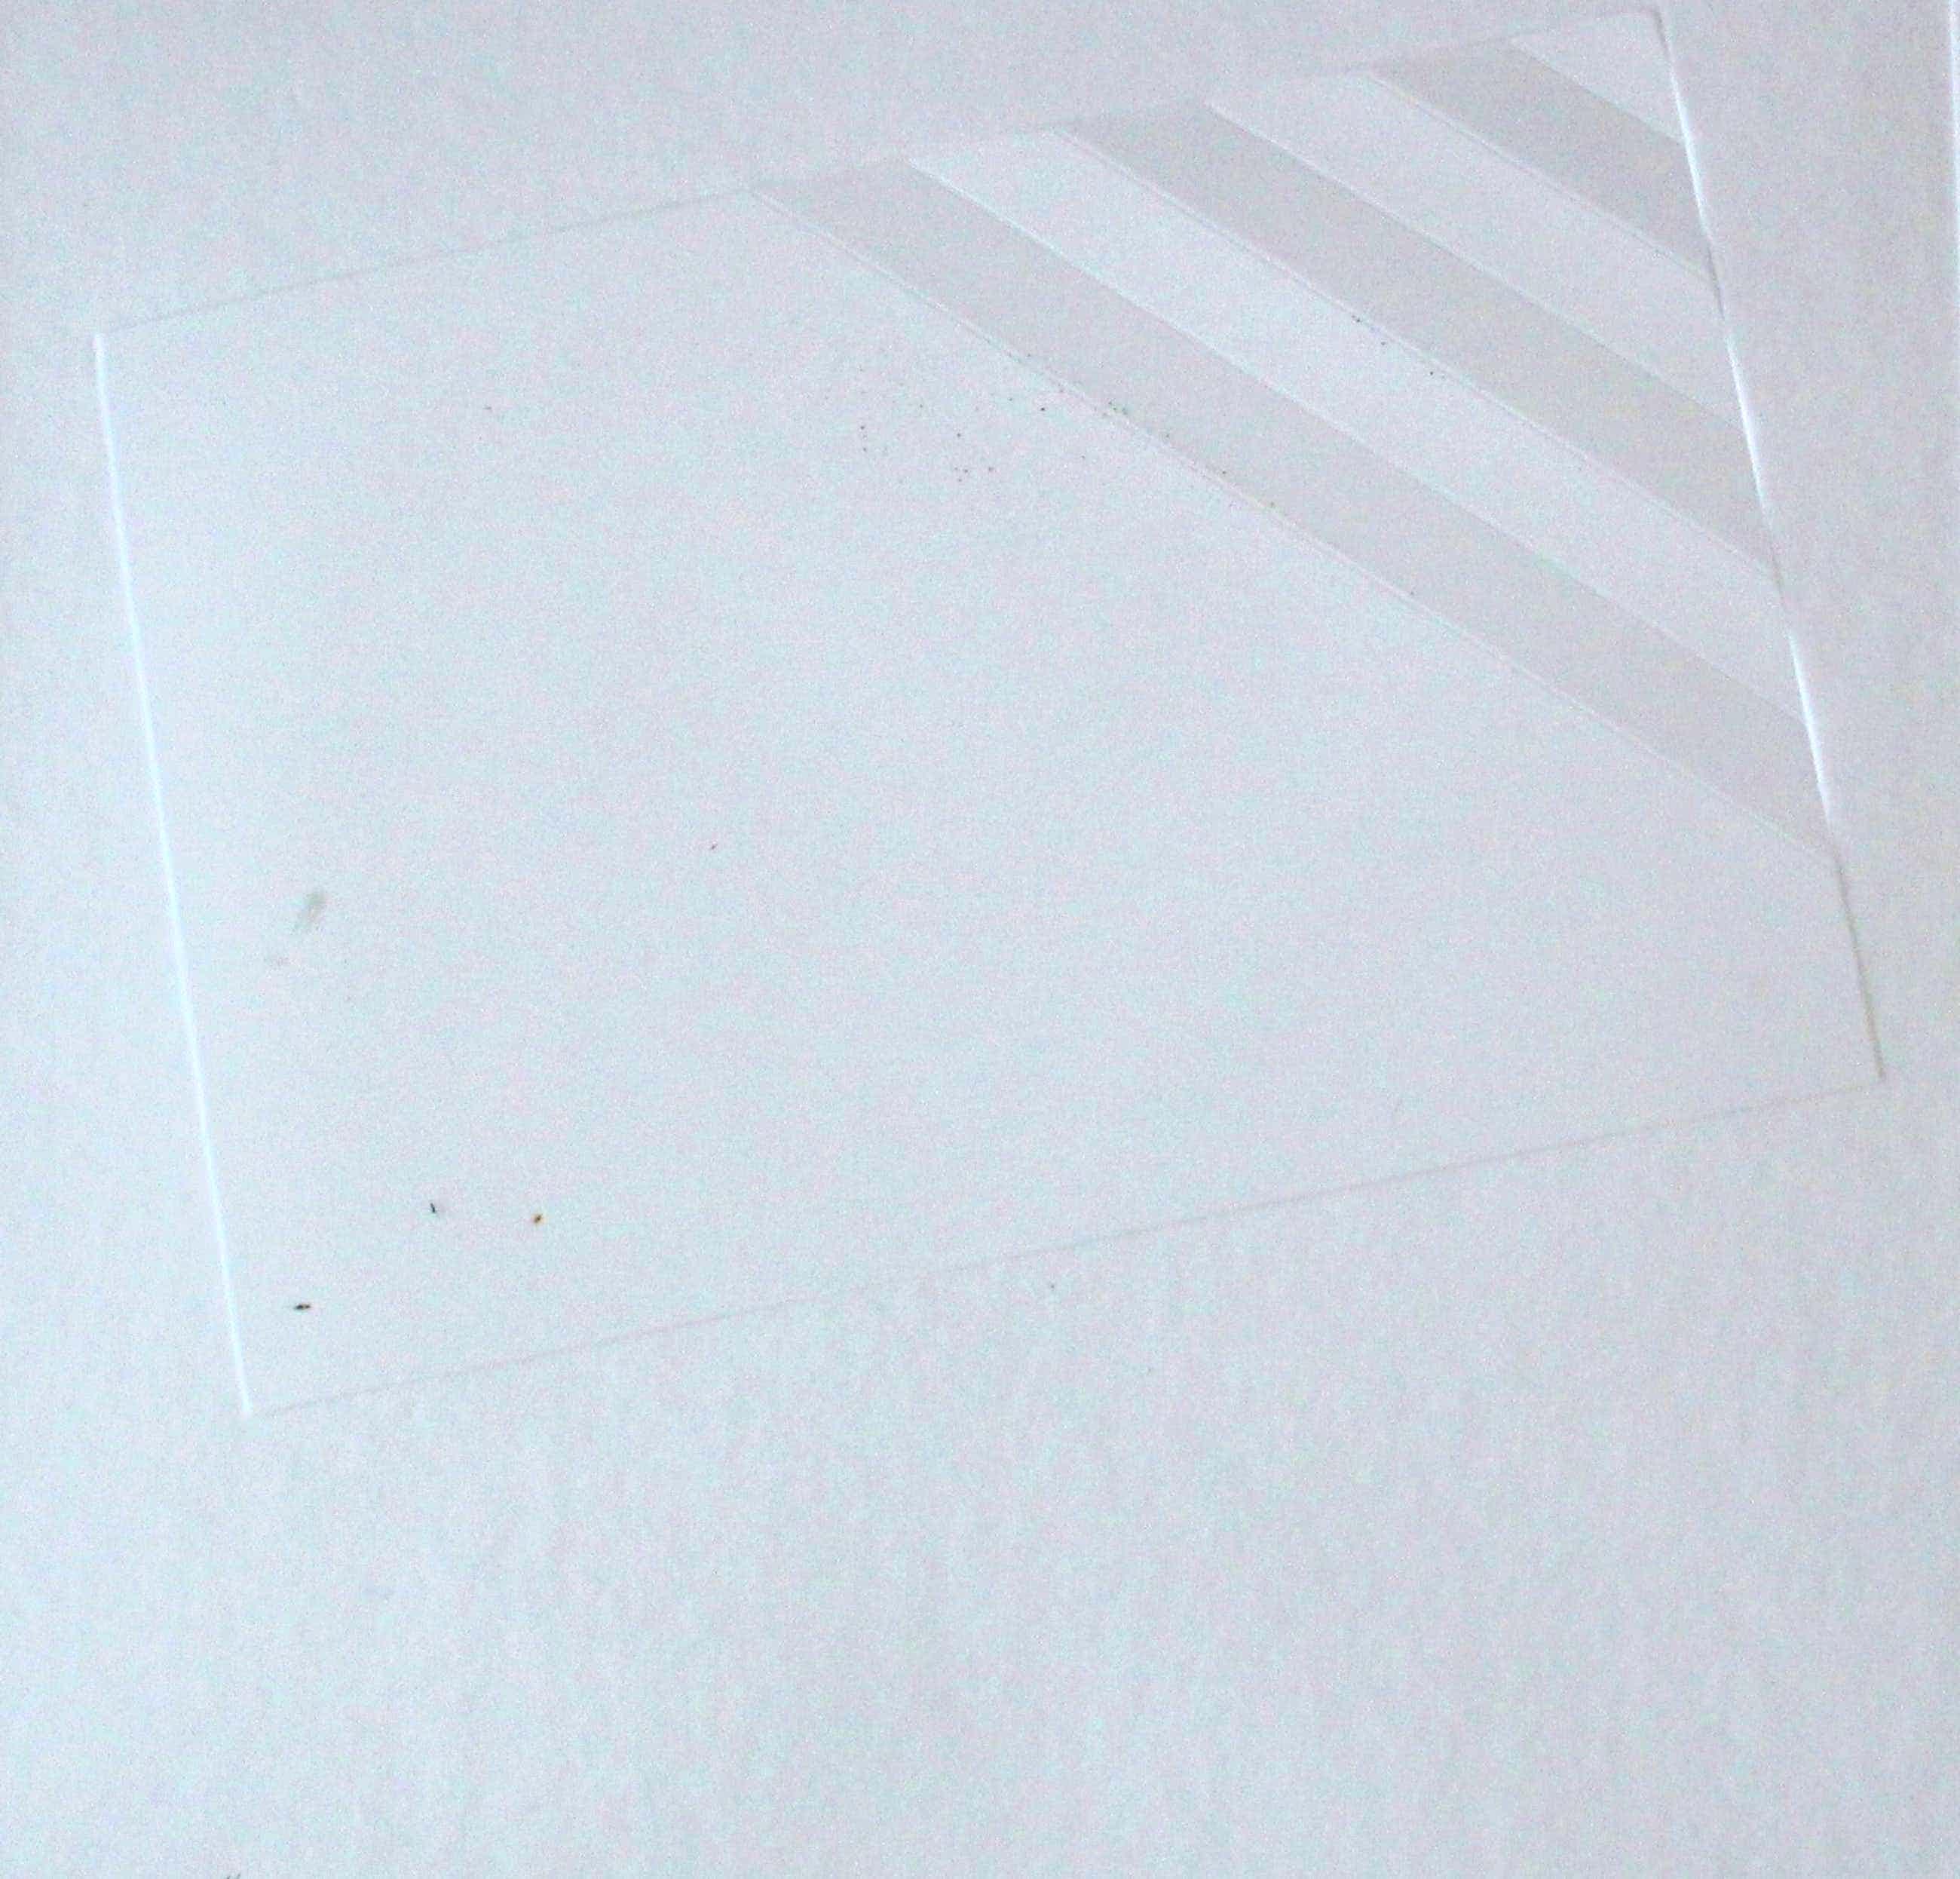 Harry van Kuyk - Grote reliefdruk, Geometrische diepdruk - 1977 kopen? Bied vanaf 125!